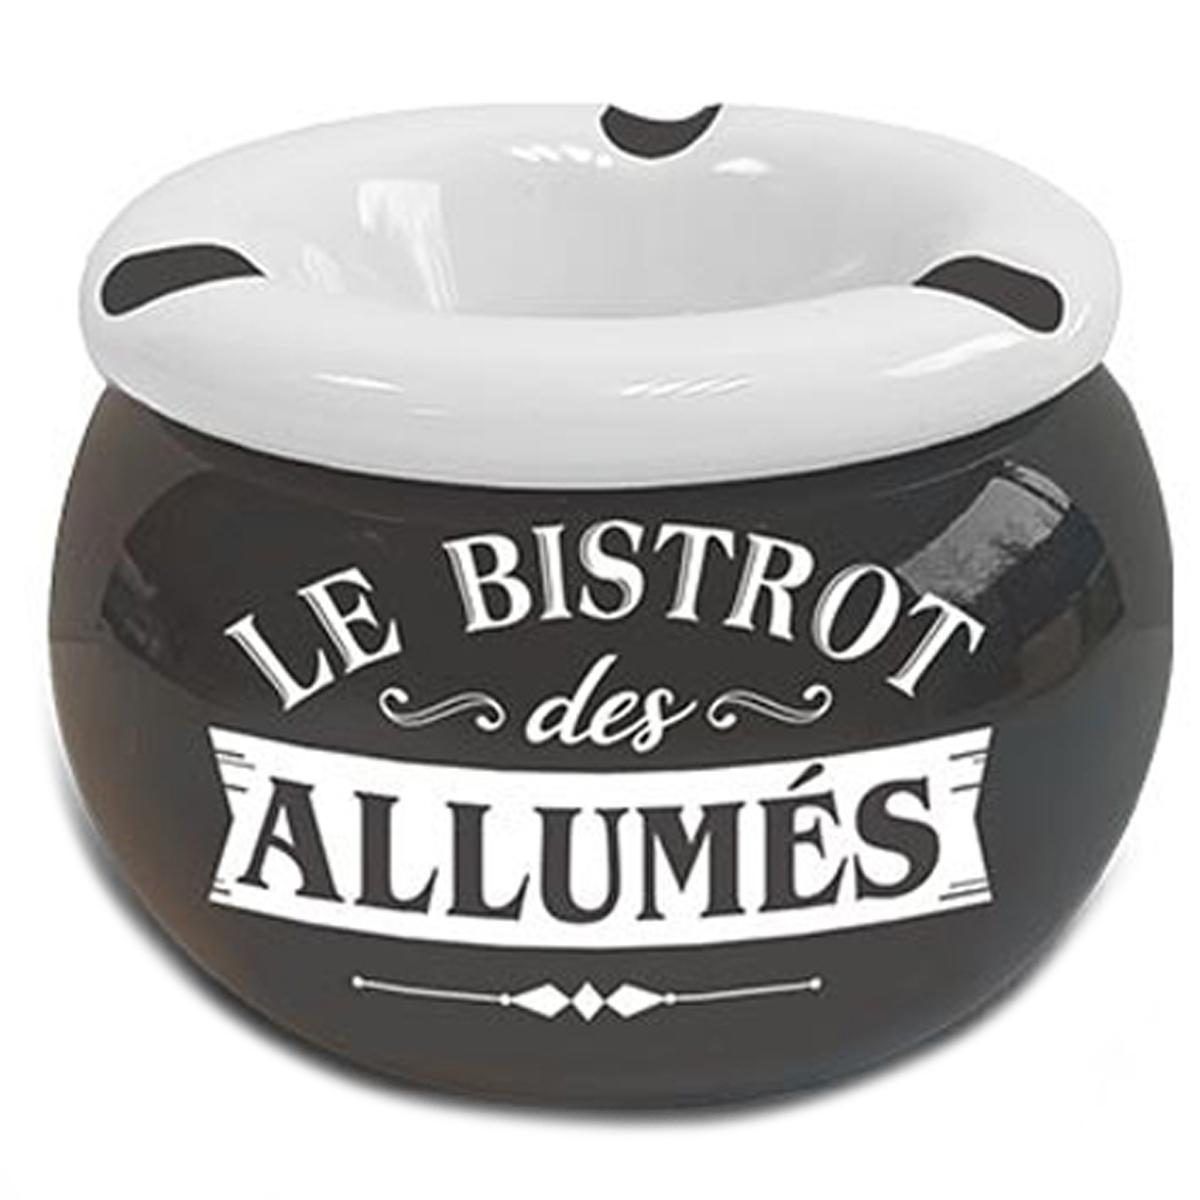 Cendrier marocain céramique \'Messages\' gris (Le Bistrot des Allumés) - 9x6 cm - [A3148]